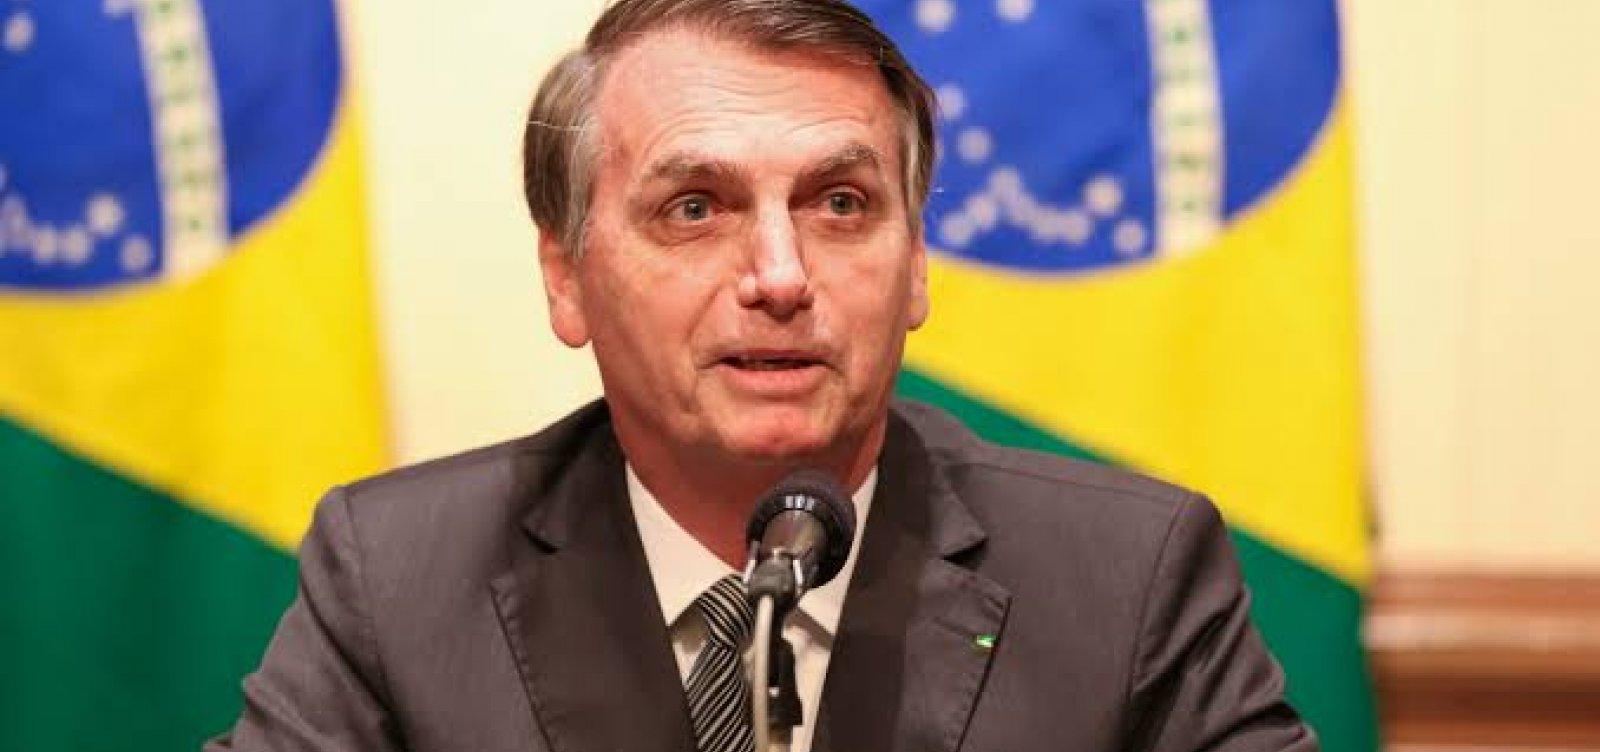 [Bolsonaro desembarca nesta sexta-feira em Salvador para participar de evento religioso]